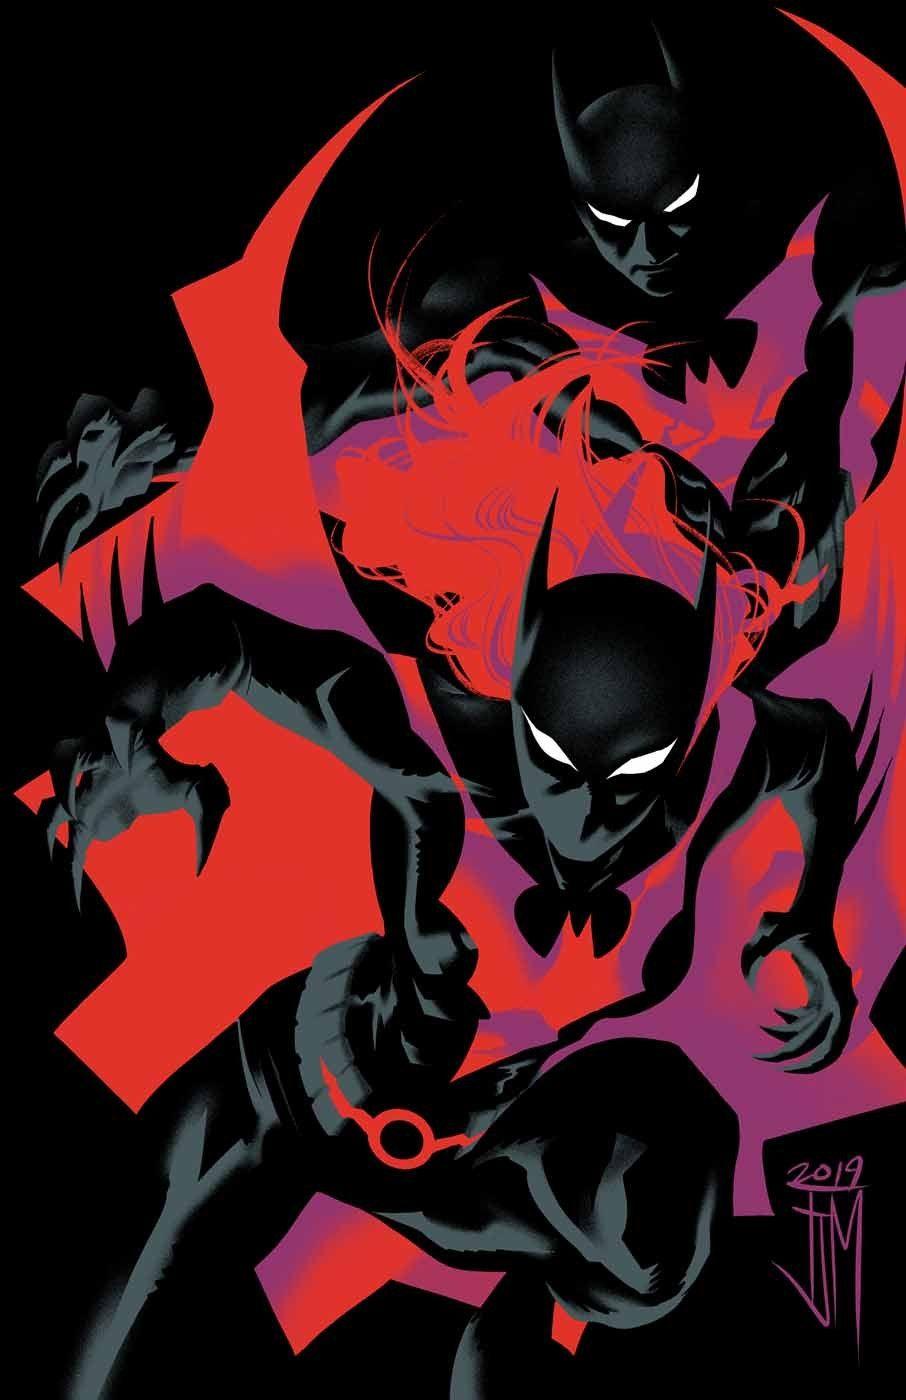 NEW SUICIDE SQUAD #18 VARIANT COVER BATMAN vs SUPERMAN DC COMIC BOOK 1 MAR 2016